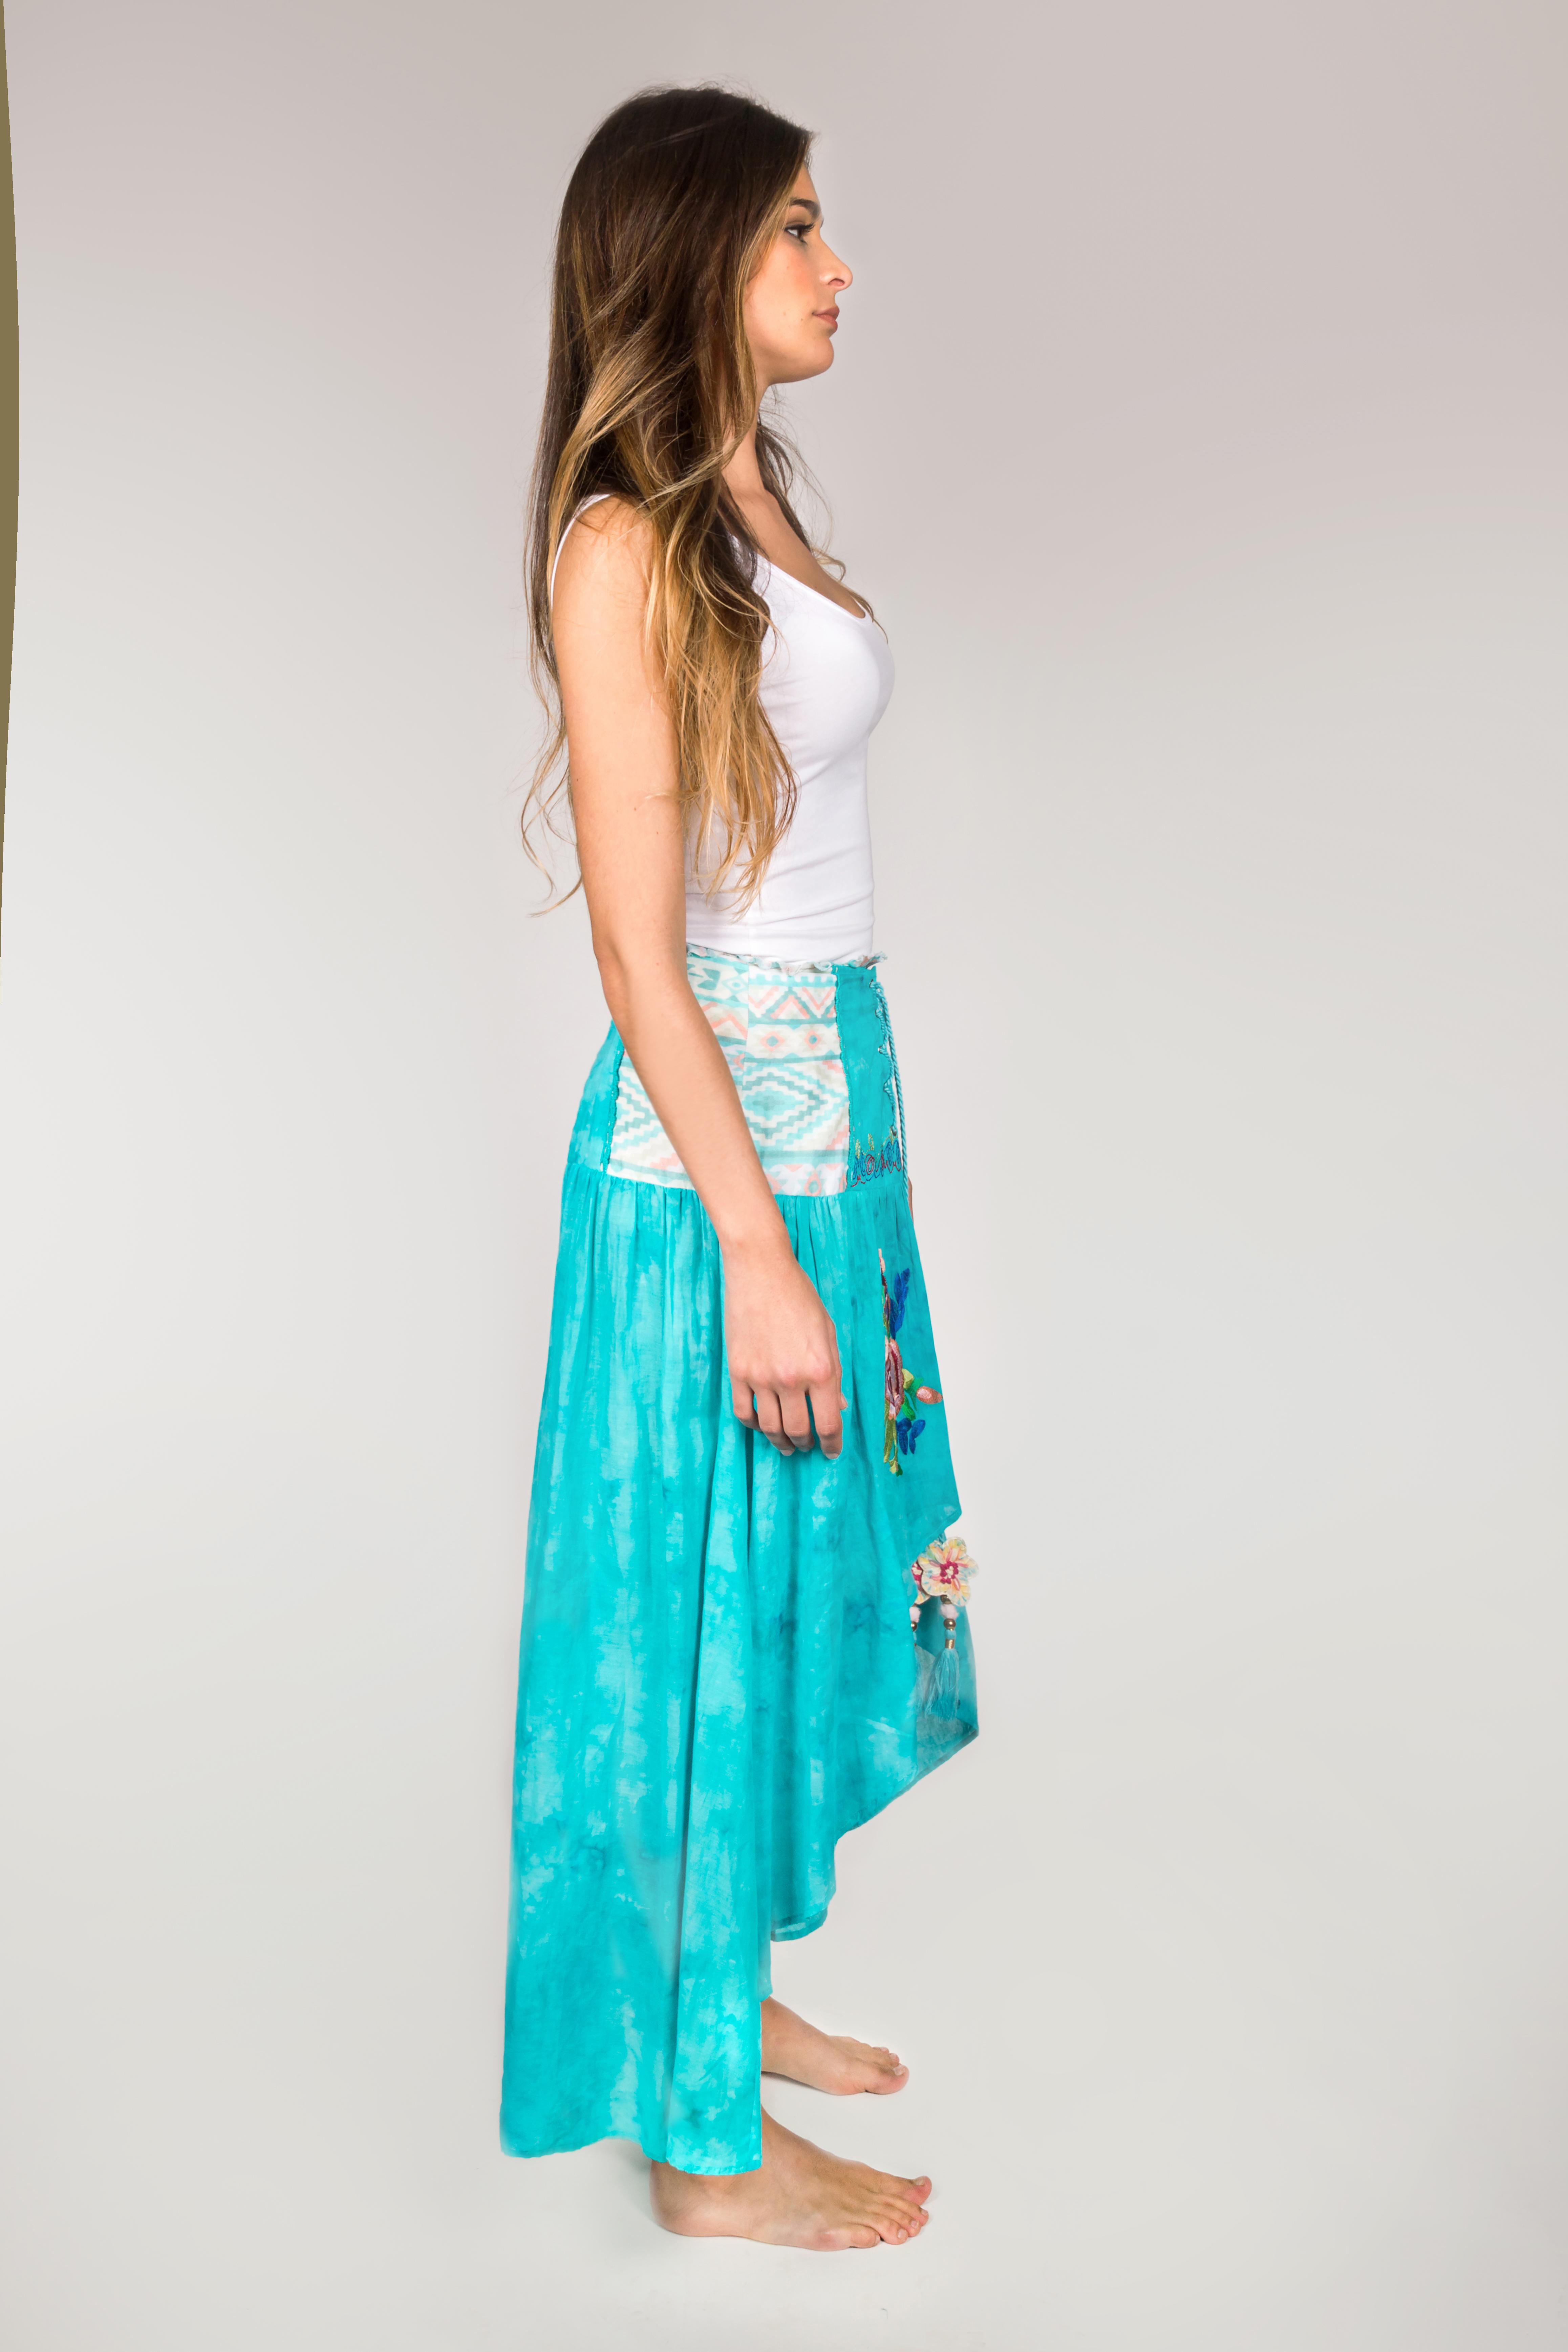 Shoklett: High Low Corset Waist Sea Flower Skirt Sherlyn (2 Left!)